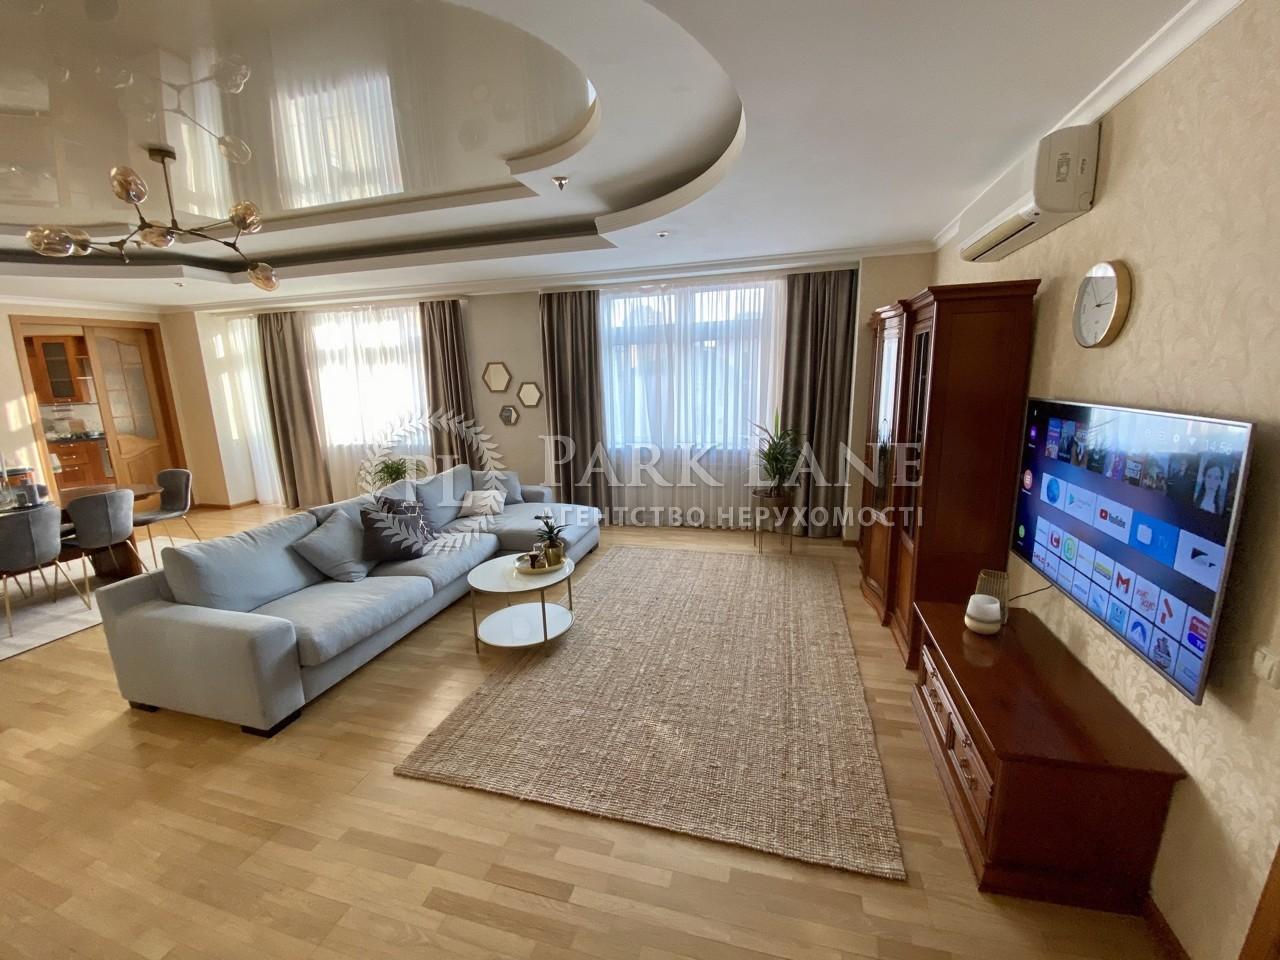 Квартира ул. Лескова, 1а, Киев, B-101728 - Фото 4